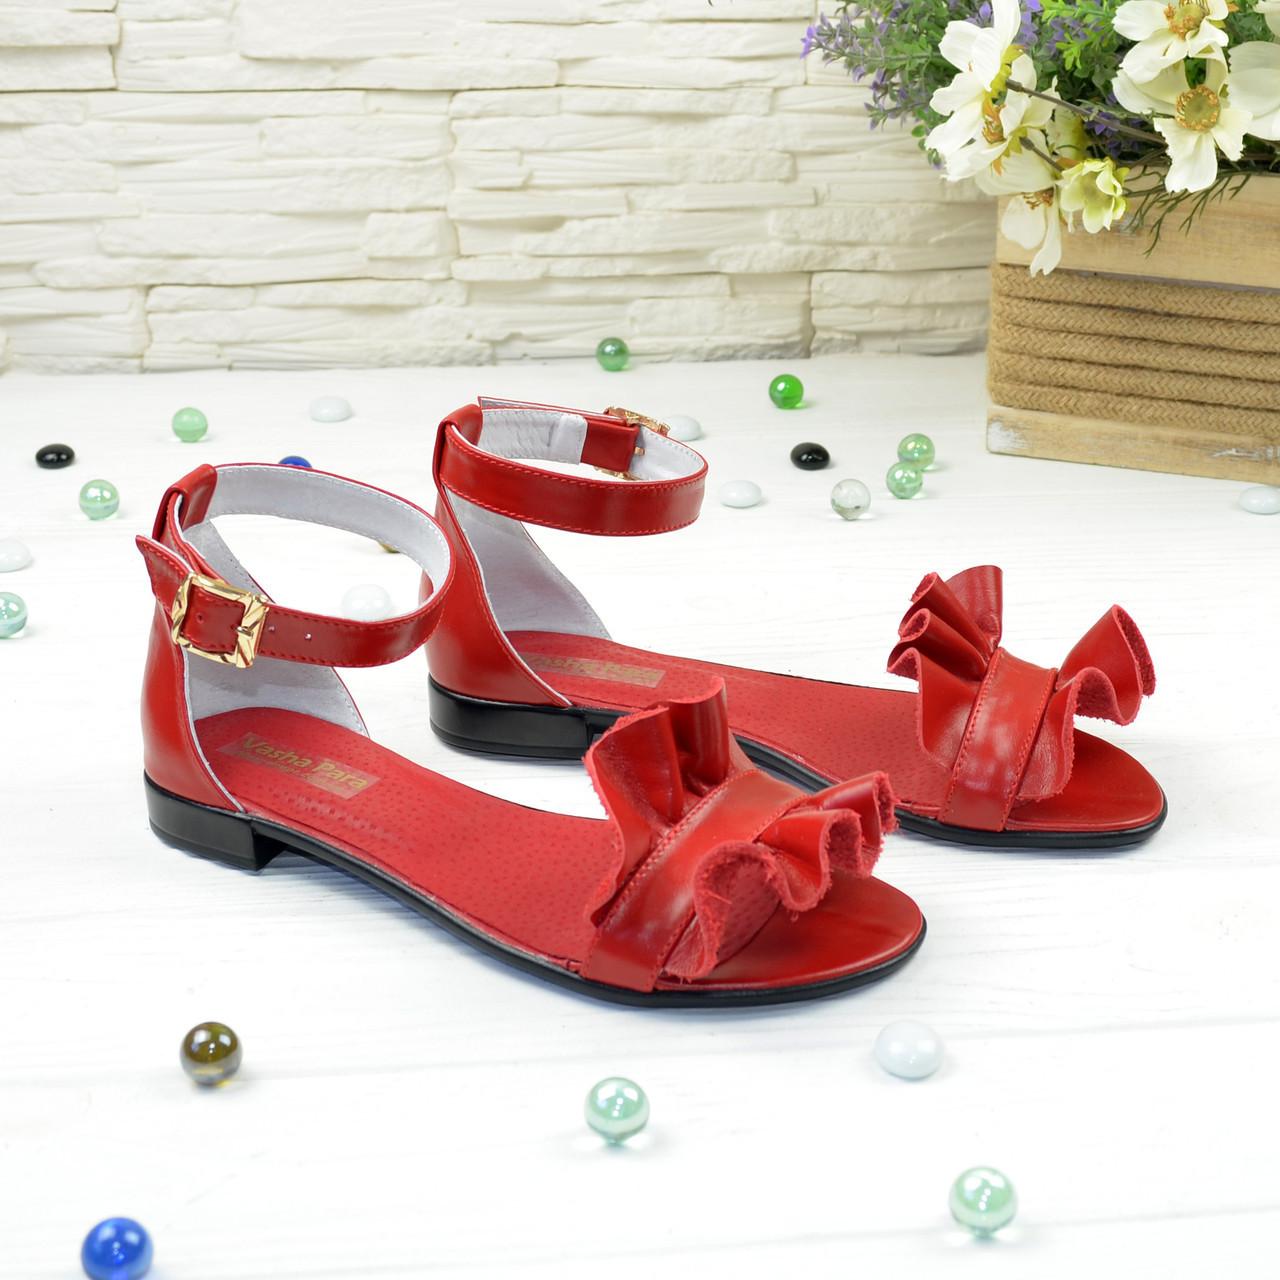 Босоножки кожаные женские Vasha Para 4302 41 цвет красный